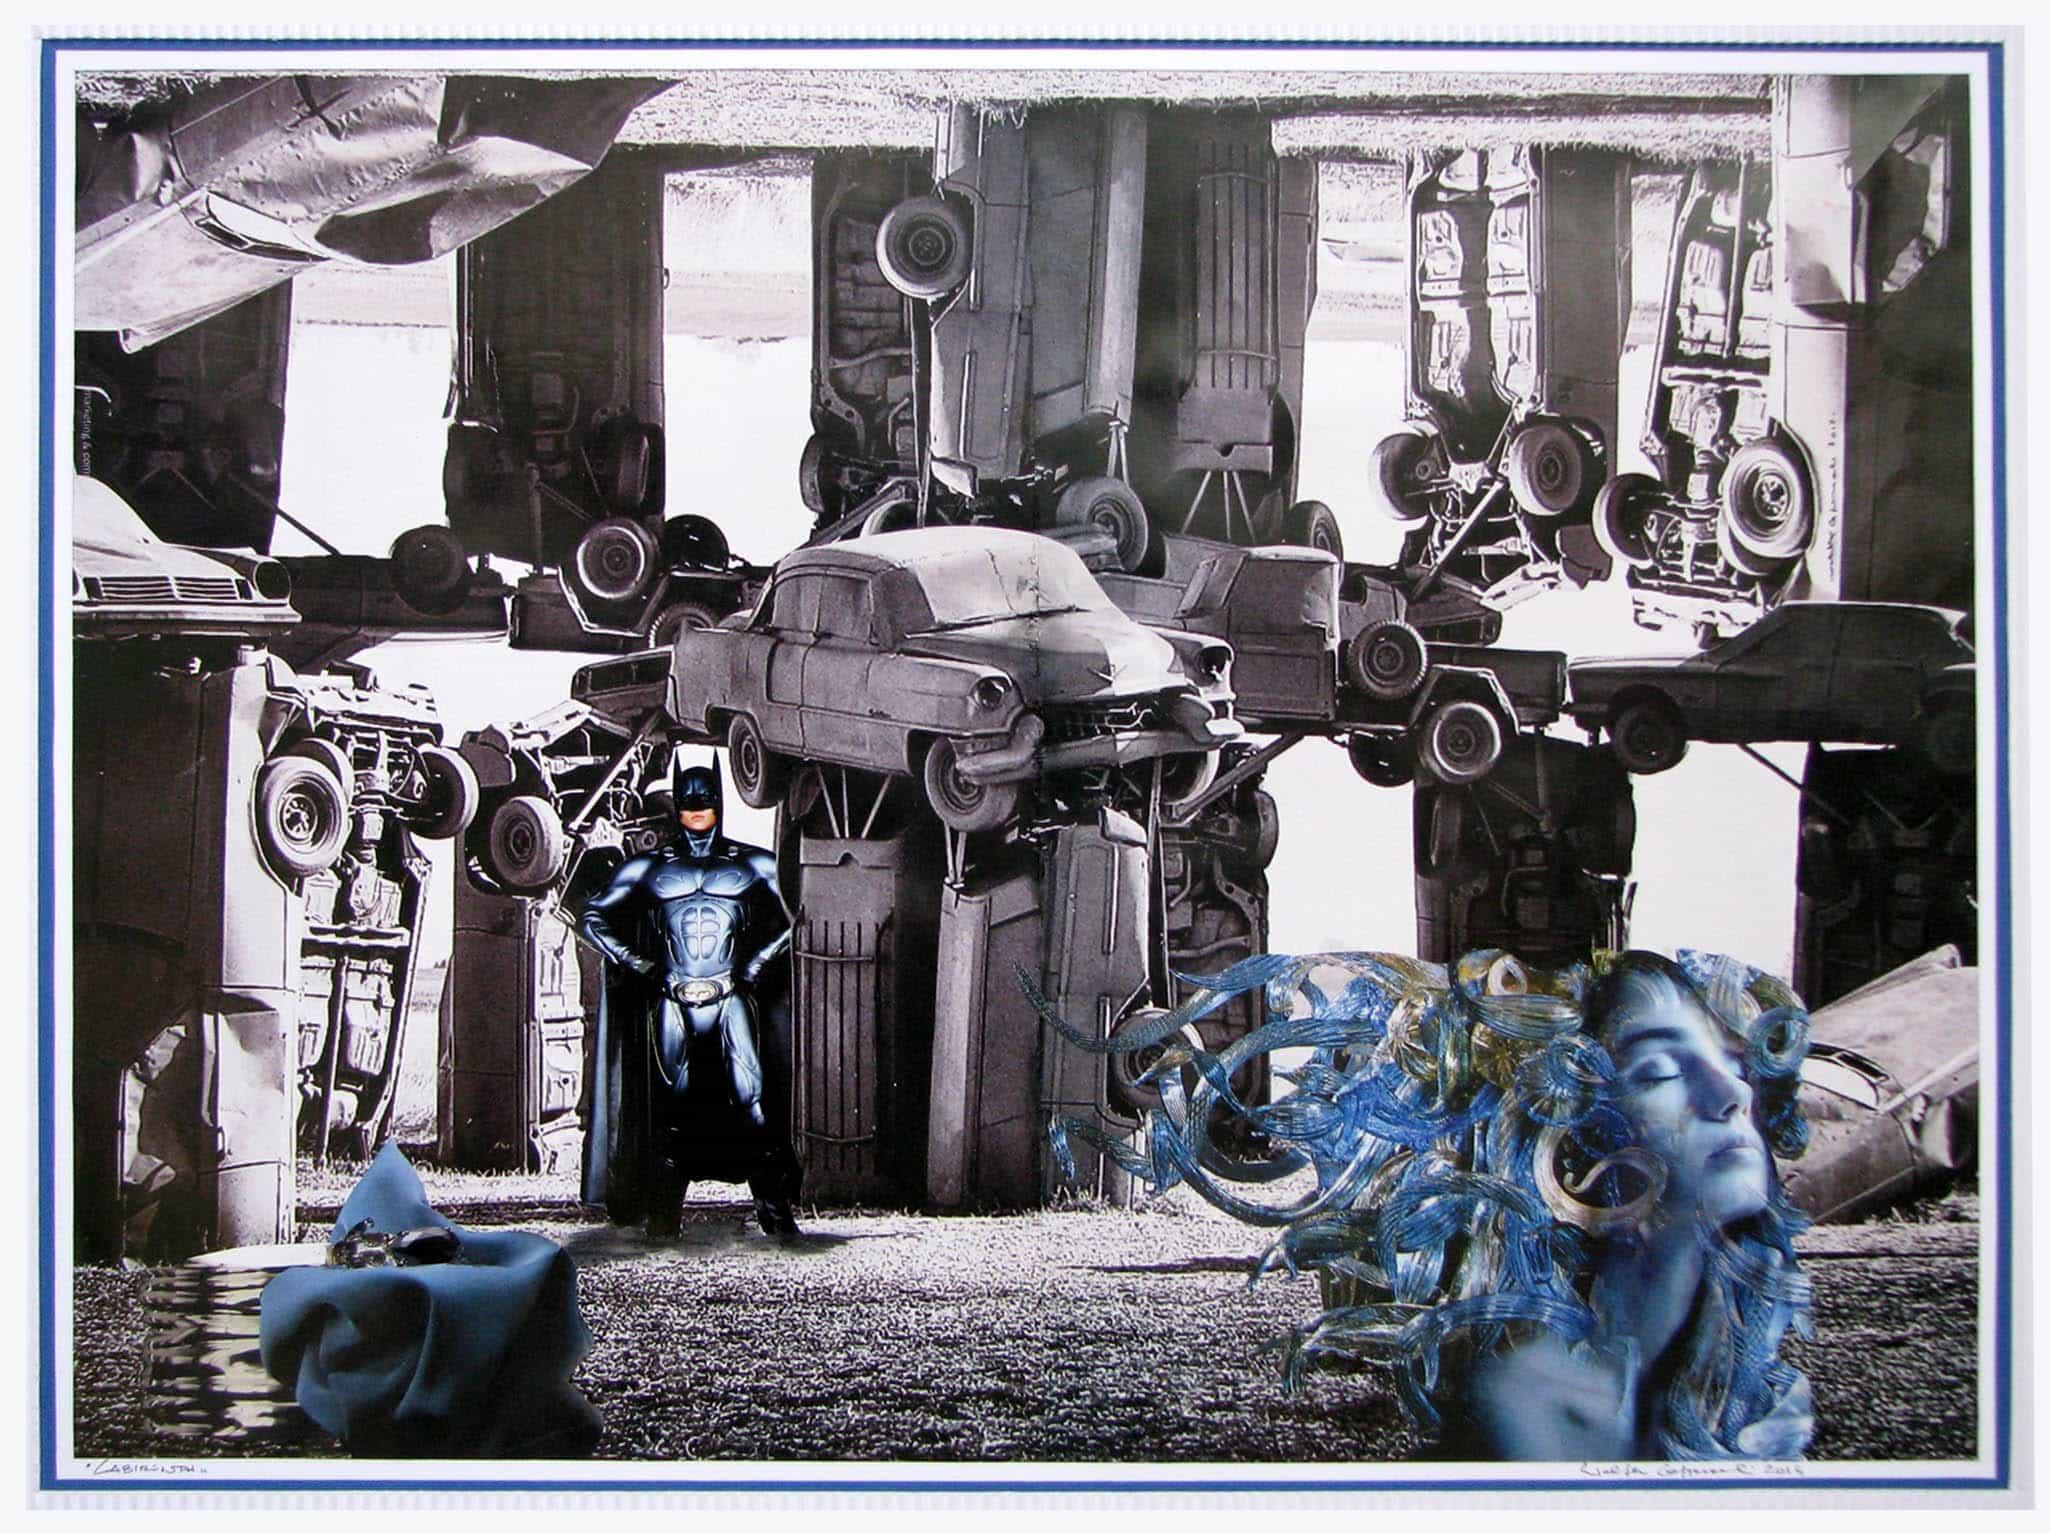 Labirinth (Batman) - Walter Capezzali